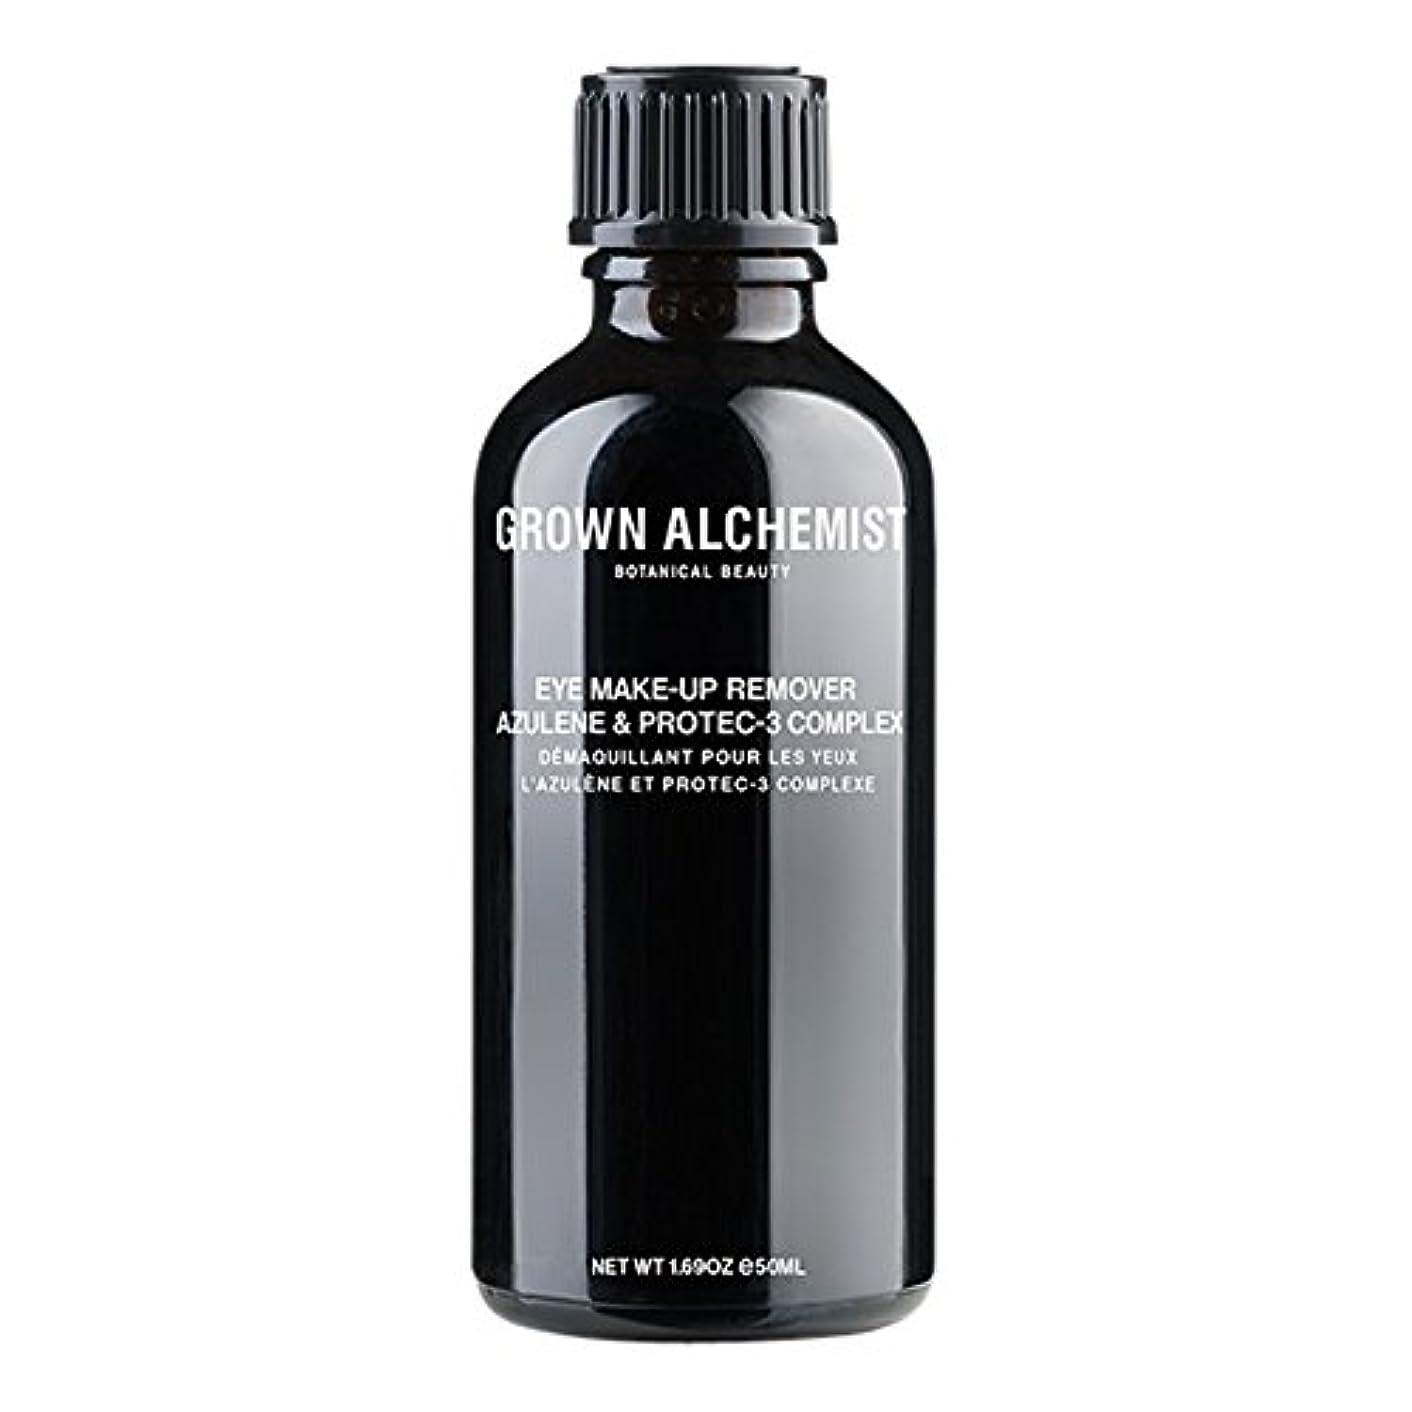 ボード成功する傾斜成長した錬金術師アズレン&Protec-3アイメイクアップリムーバーの50ミリリットル (Grown Alchemist) (x2) - Grown Alchemist Azulene & Protec-3 Eye-Makeup...